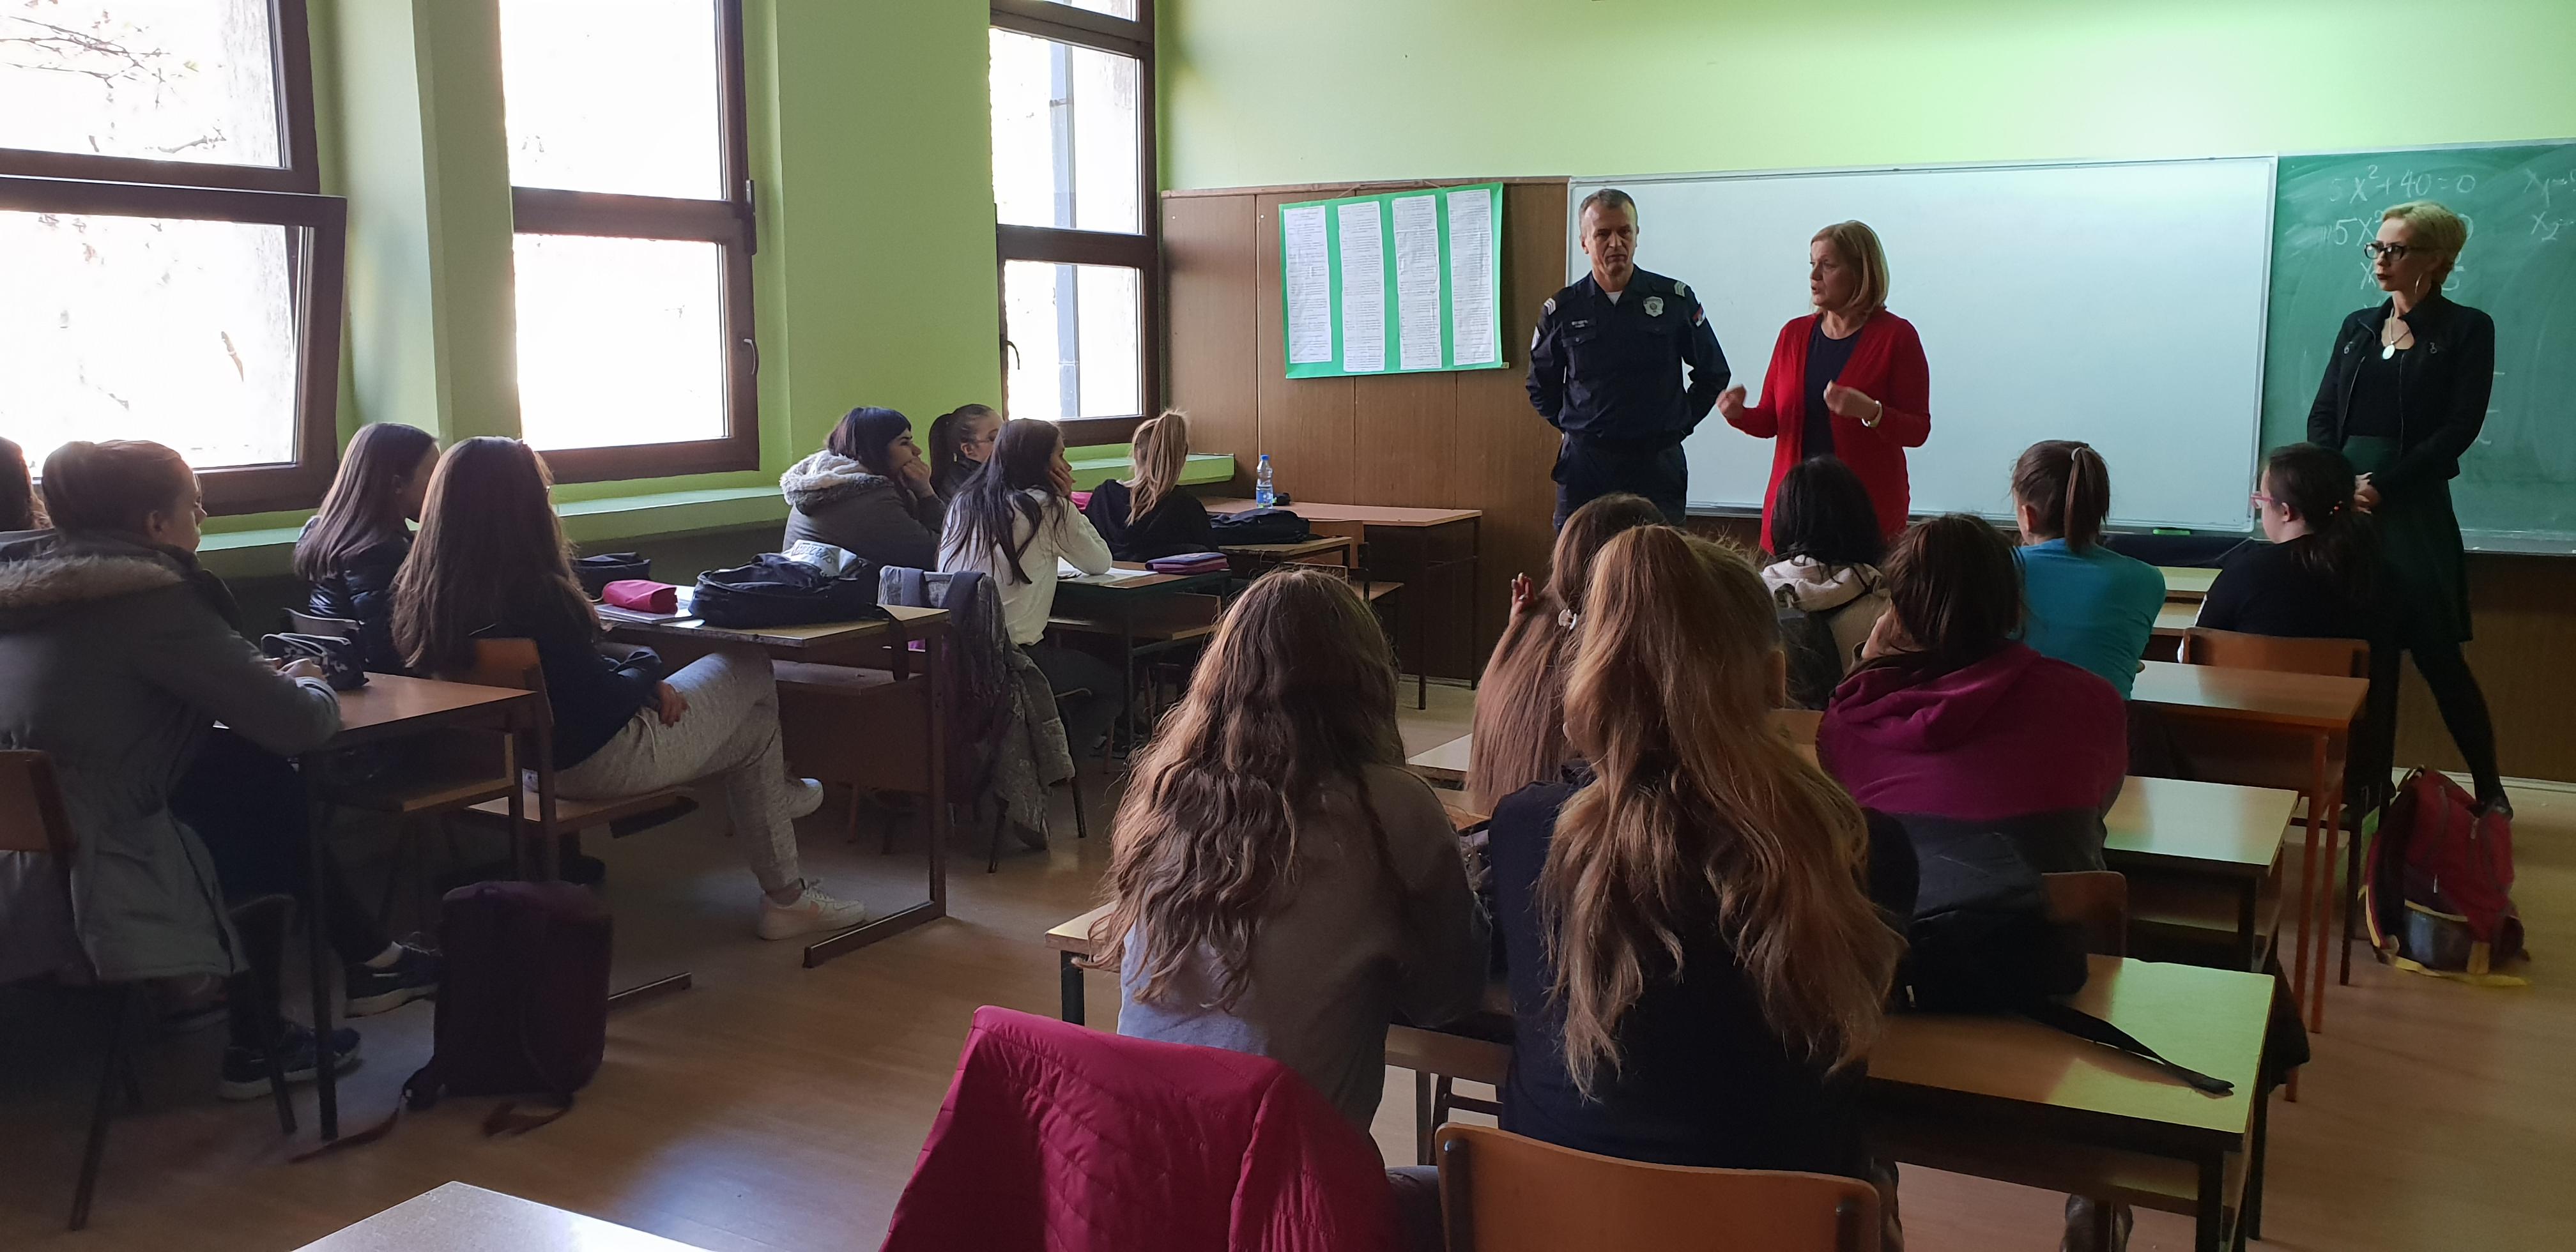 Čas-praktične-obuke-za-samoodbranu-u-Gimnaziji-u-Ruskom-Krsturu-2